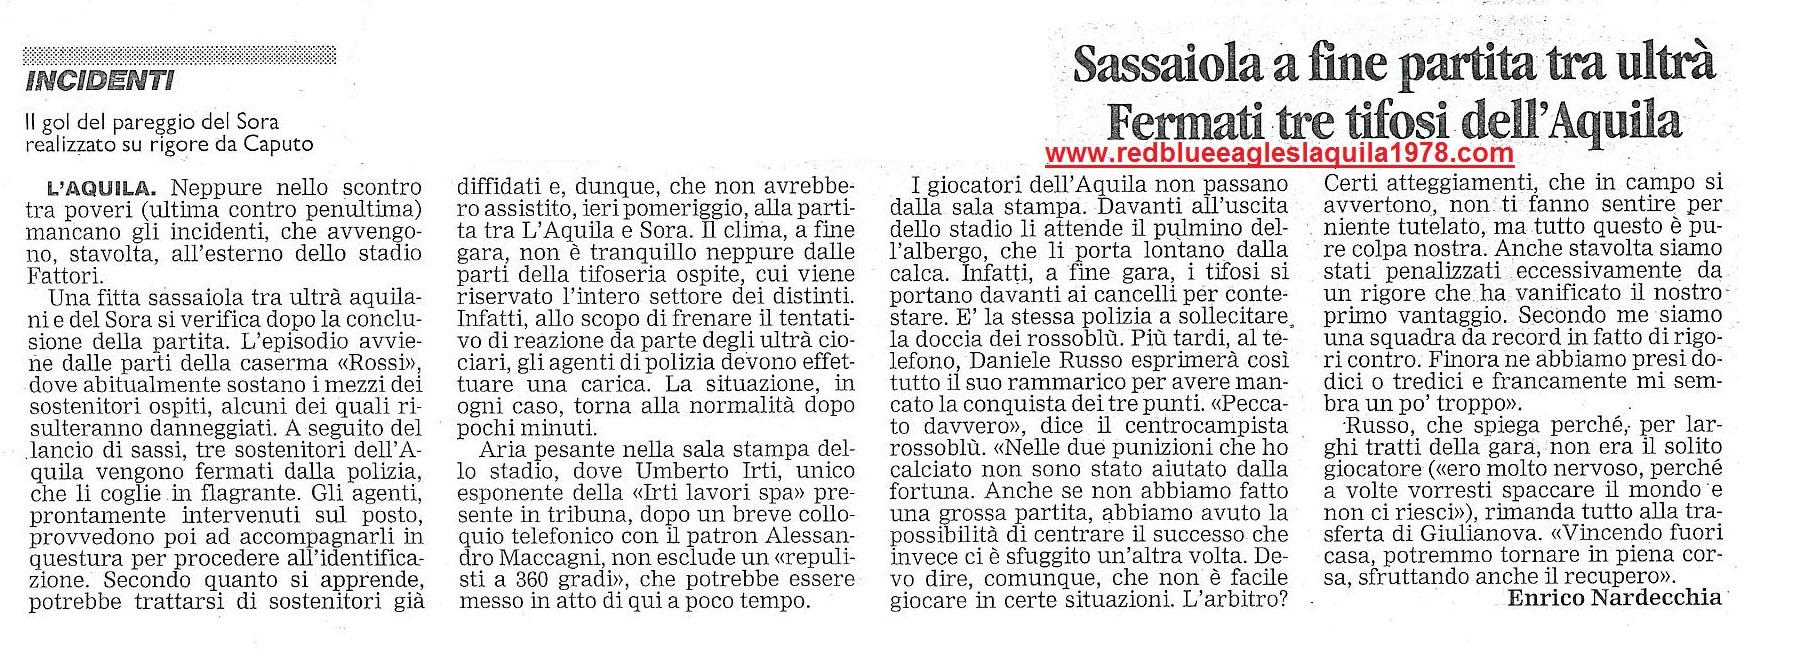 Sassaiola fra gli ultras delle due tifoserie.L'Aquila-Sora 23 Marzo 2003 Serie C1